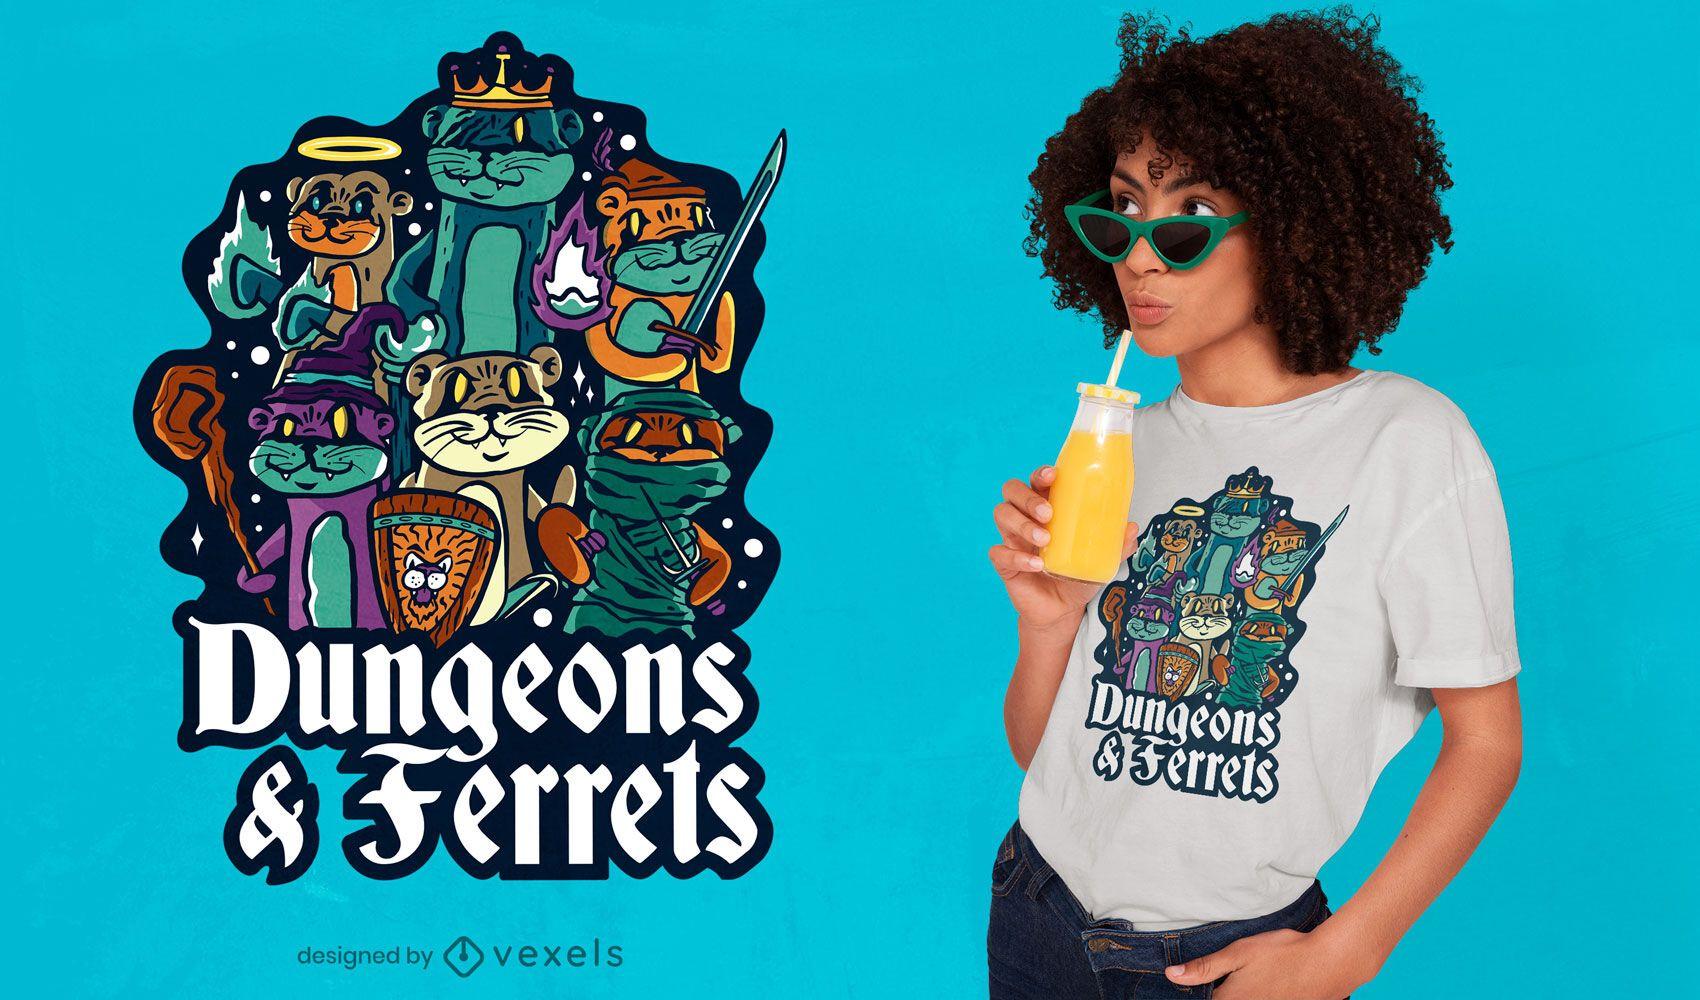 Dise?o de camiseta Dungeon hurones